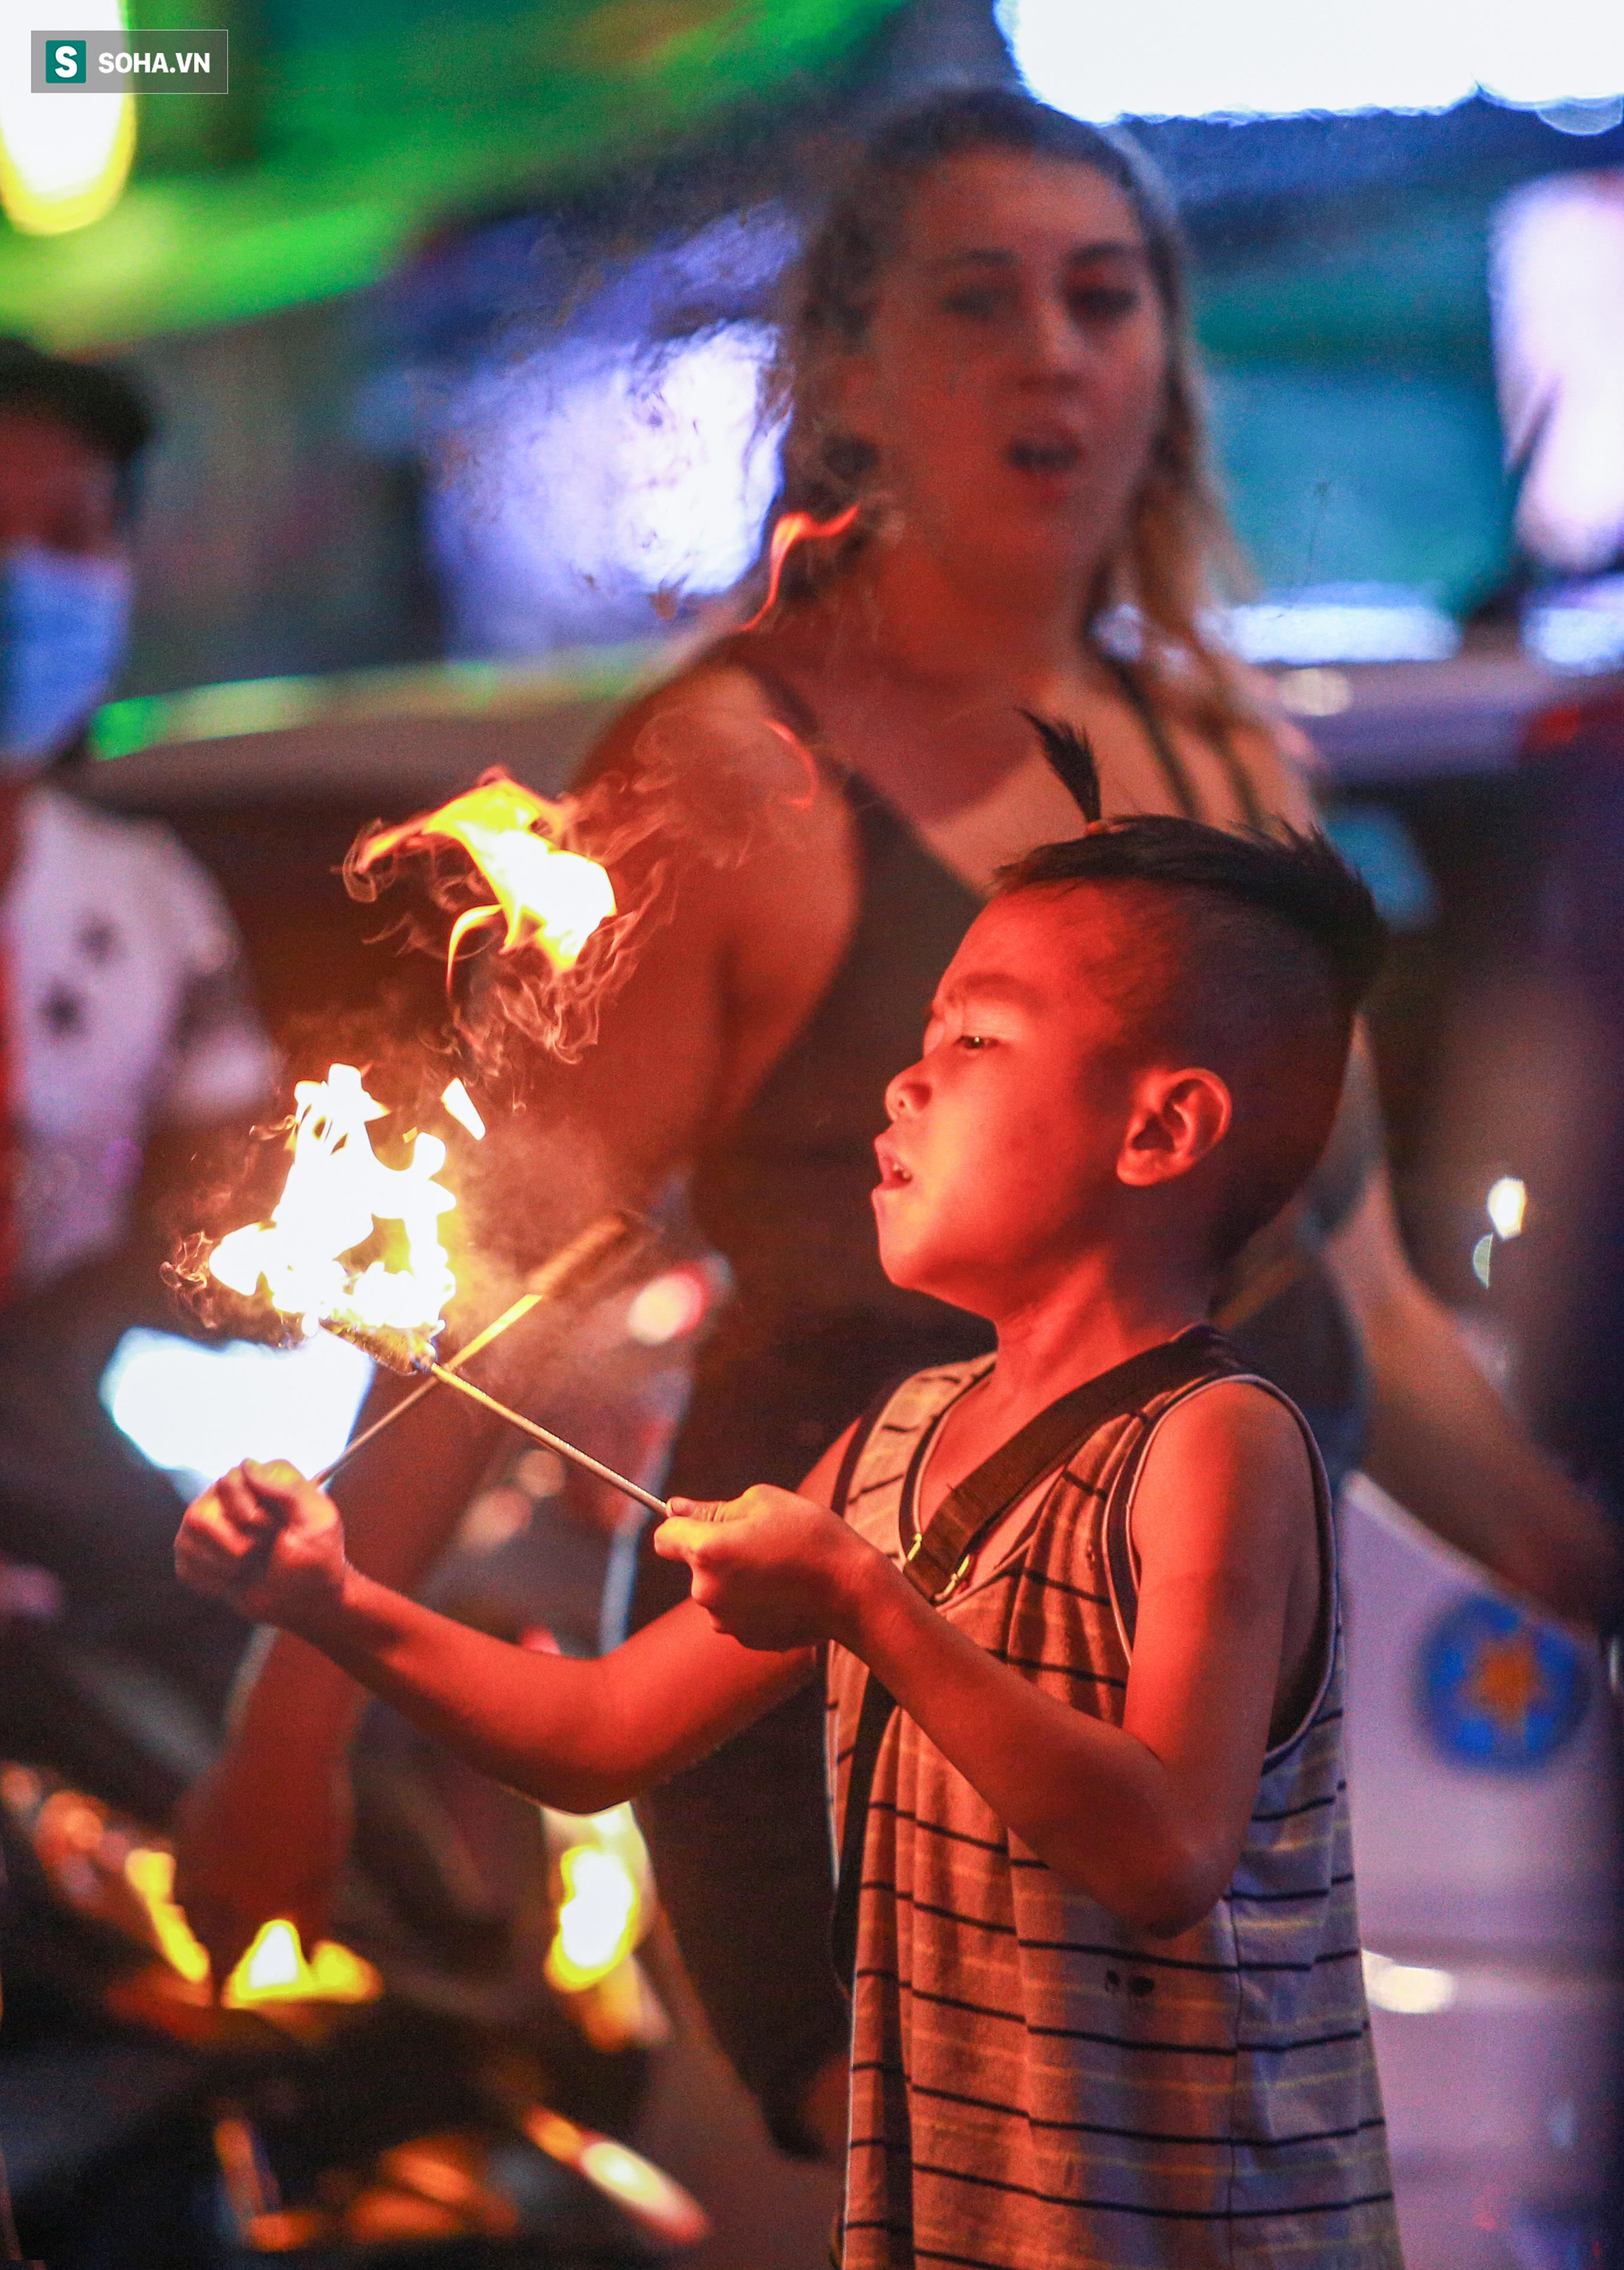 Những ngọn đuốc tẩm xăng, dầu cháy đỏ rực được cậu bé khoảng 7-8 tuổi cầm trên tay múa, xoay điêu luyện. Rồi bất ngờ, cậu biển diễn ngậm vào miệng cho tắt, khiến nhiều người lần đầu xem trầm trồ, tò mò, hứng khởi. Rảo một vòng quanh Bùi Viện, không khó để bắt gặp những đứa trẻ trình diễn phun lửa mạo hiểm như thế.